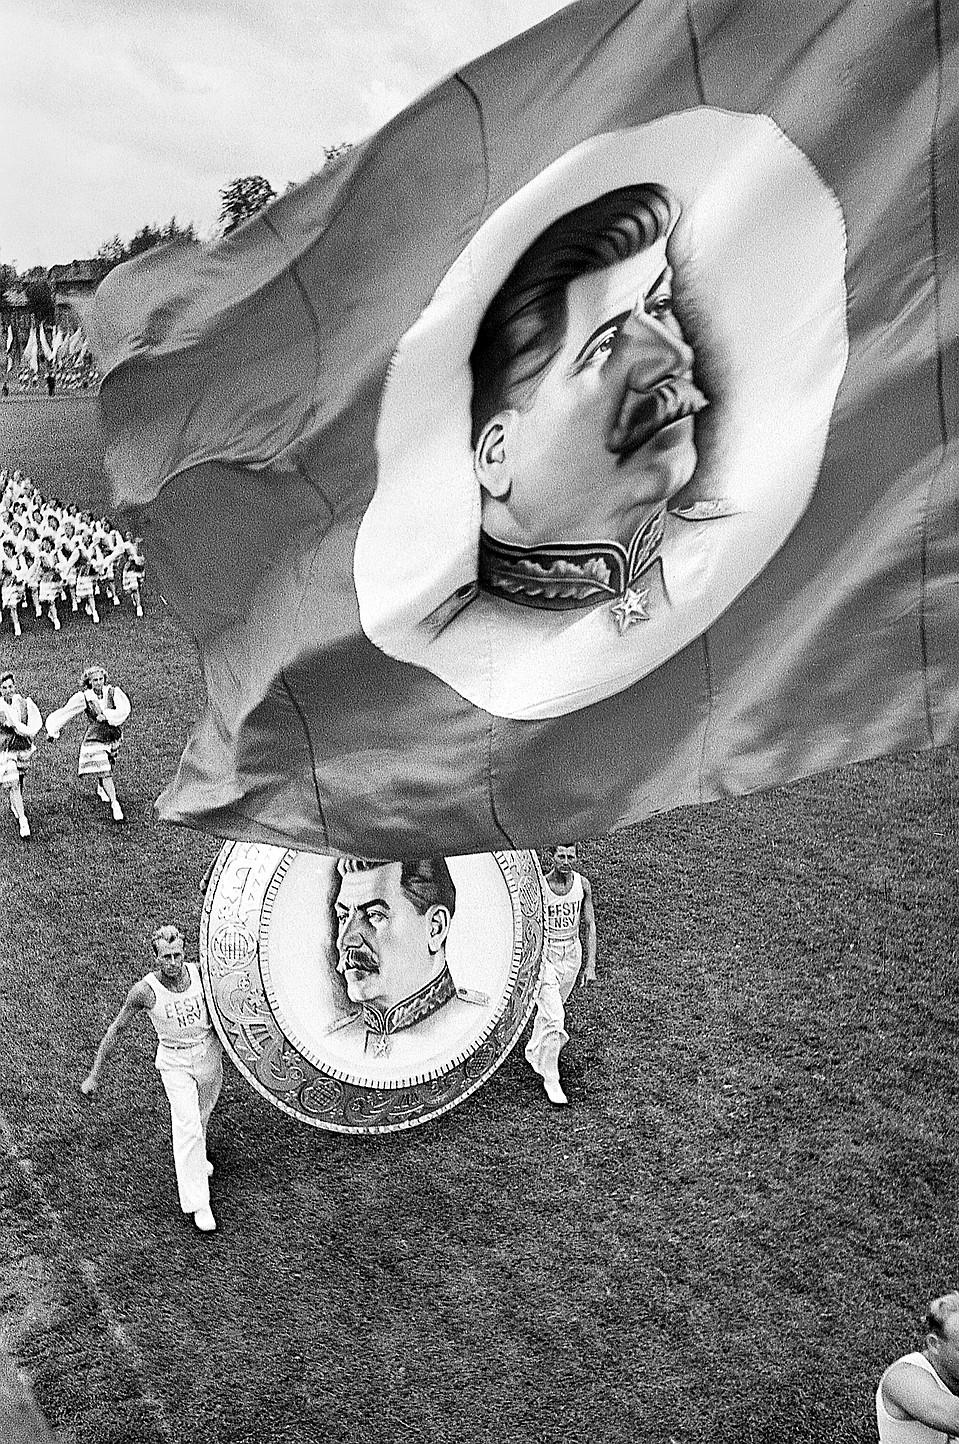 Физкультурный парад 1946 года. Почетное место занимают портреты вождя. Фото: Анатолий Шайхет